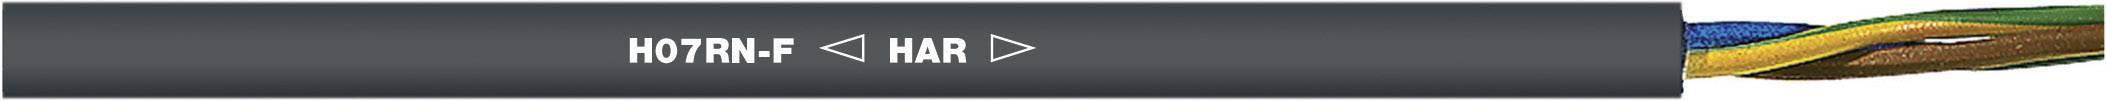 Připojovací kabel H07RN-F 2 x 4 mm² černá LAPP 1600186 metrové zboží